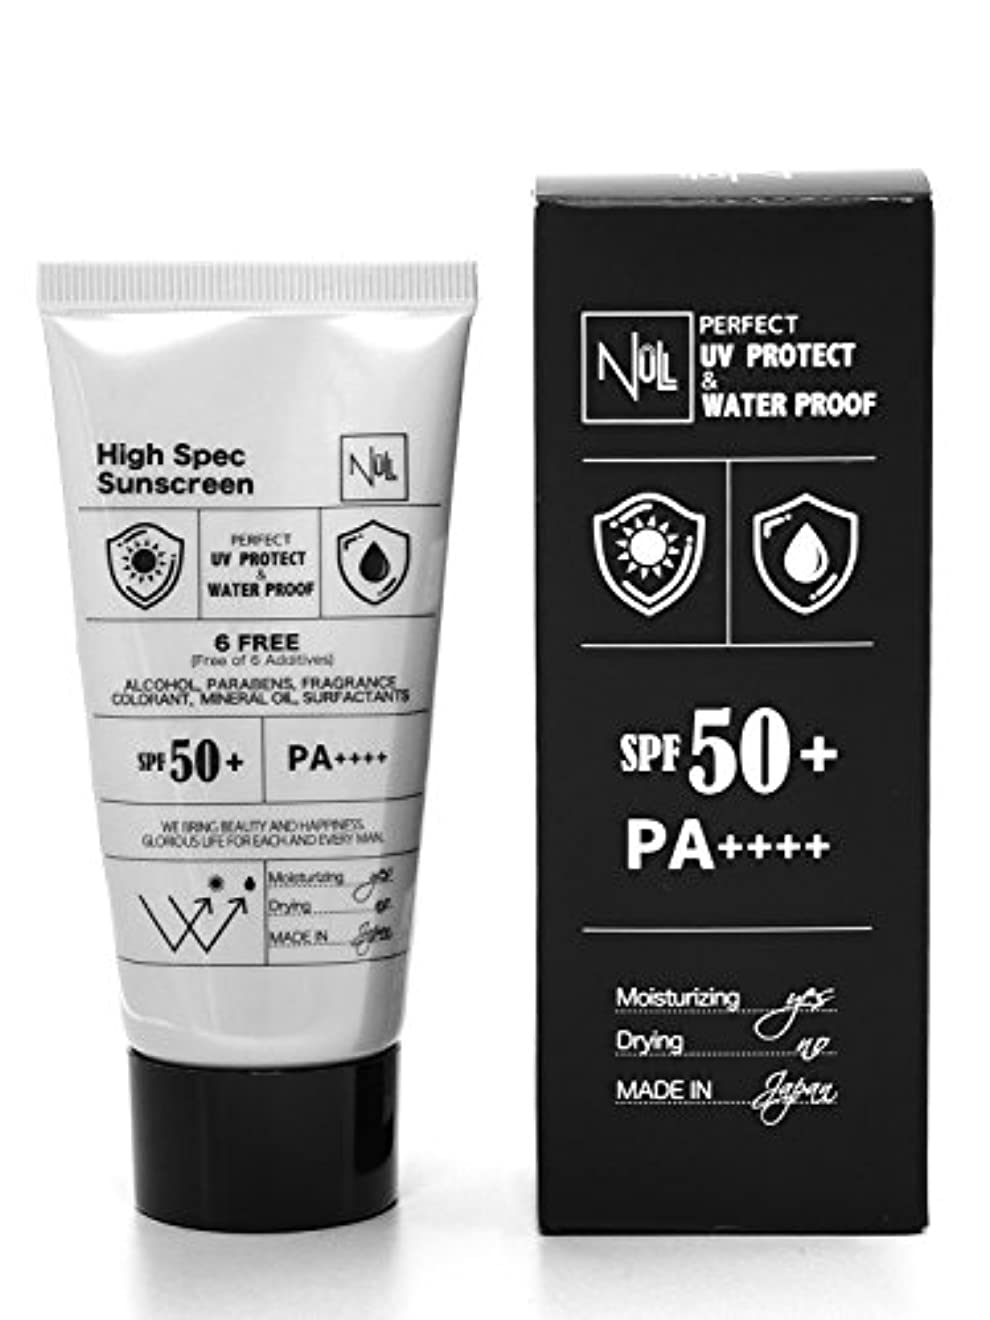 すずめビジョン調べるNULL 日焼け止め メンズ ウォータープルーフ (顔 & 全身 用) SPF50+ PA++++ ロングUVA対応 40g (特殊製法で 汗/水 にめっぽう強い) (白くならない/クレンジング不要) スポーツ ゴルフ 用